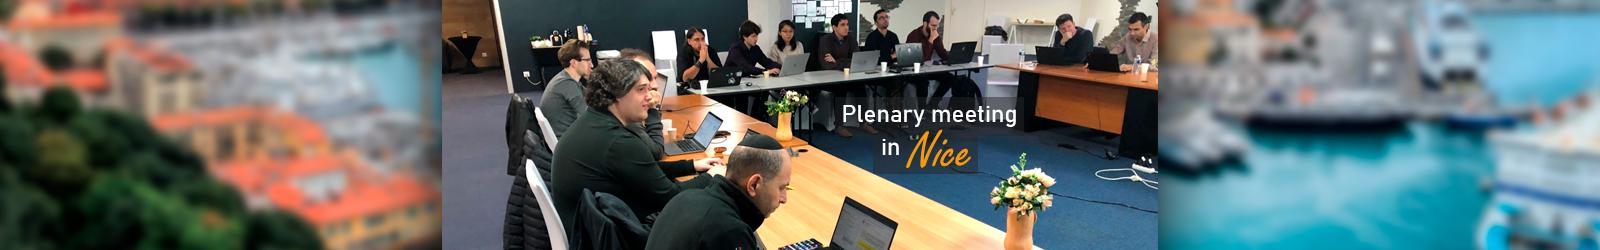 Plenary Meeting in Nice